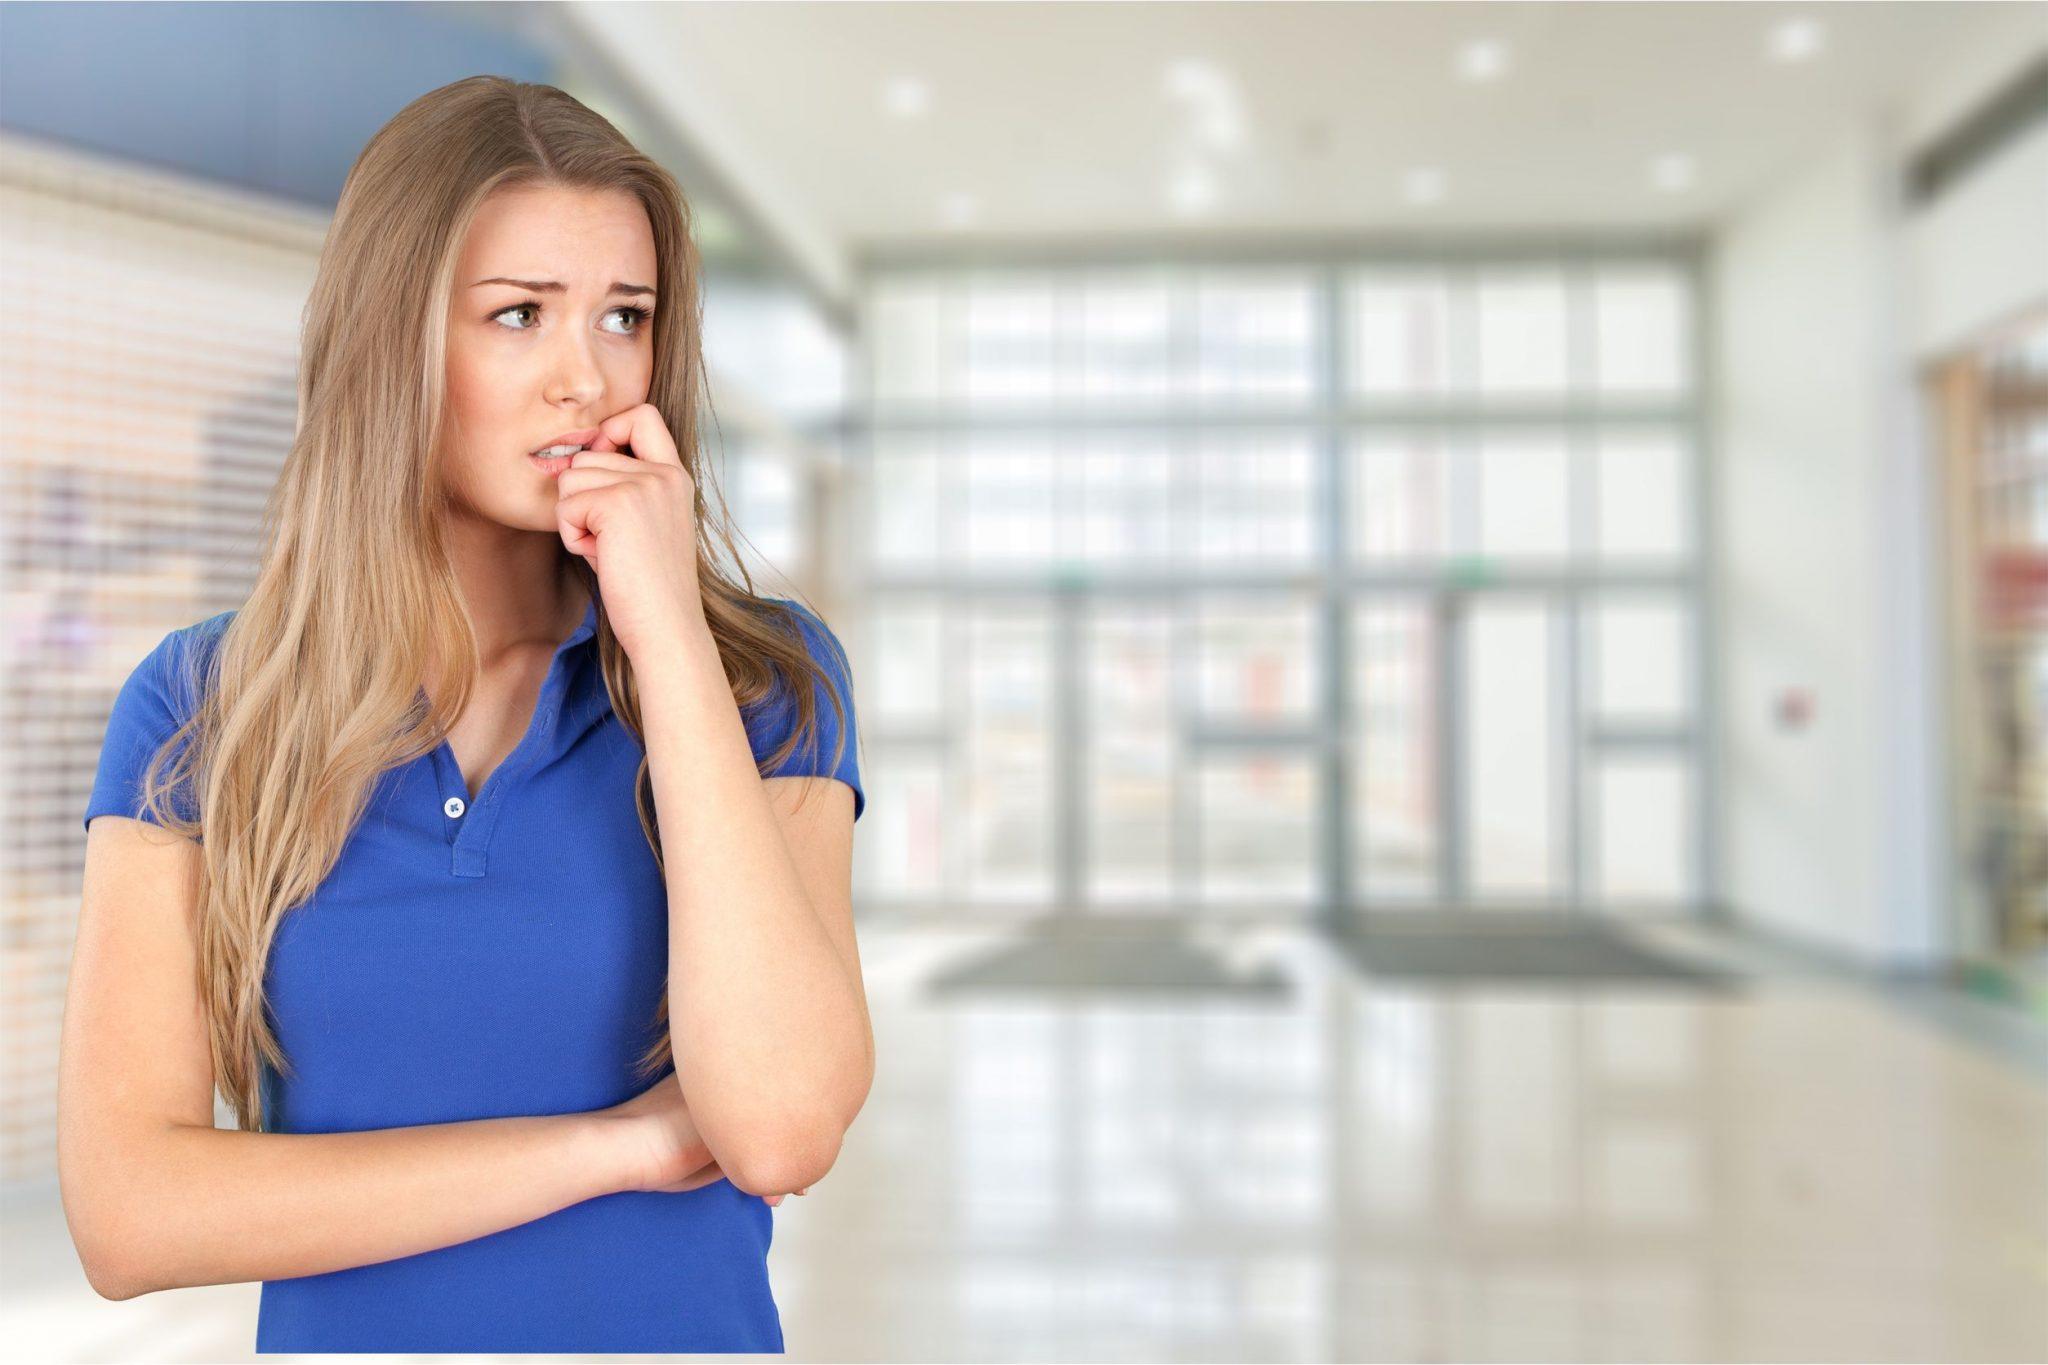 Bexiga hiperativa: sintomas, causas e tratamento